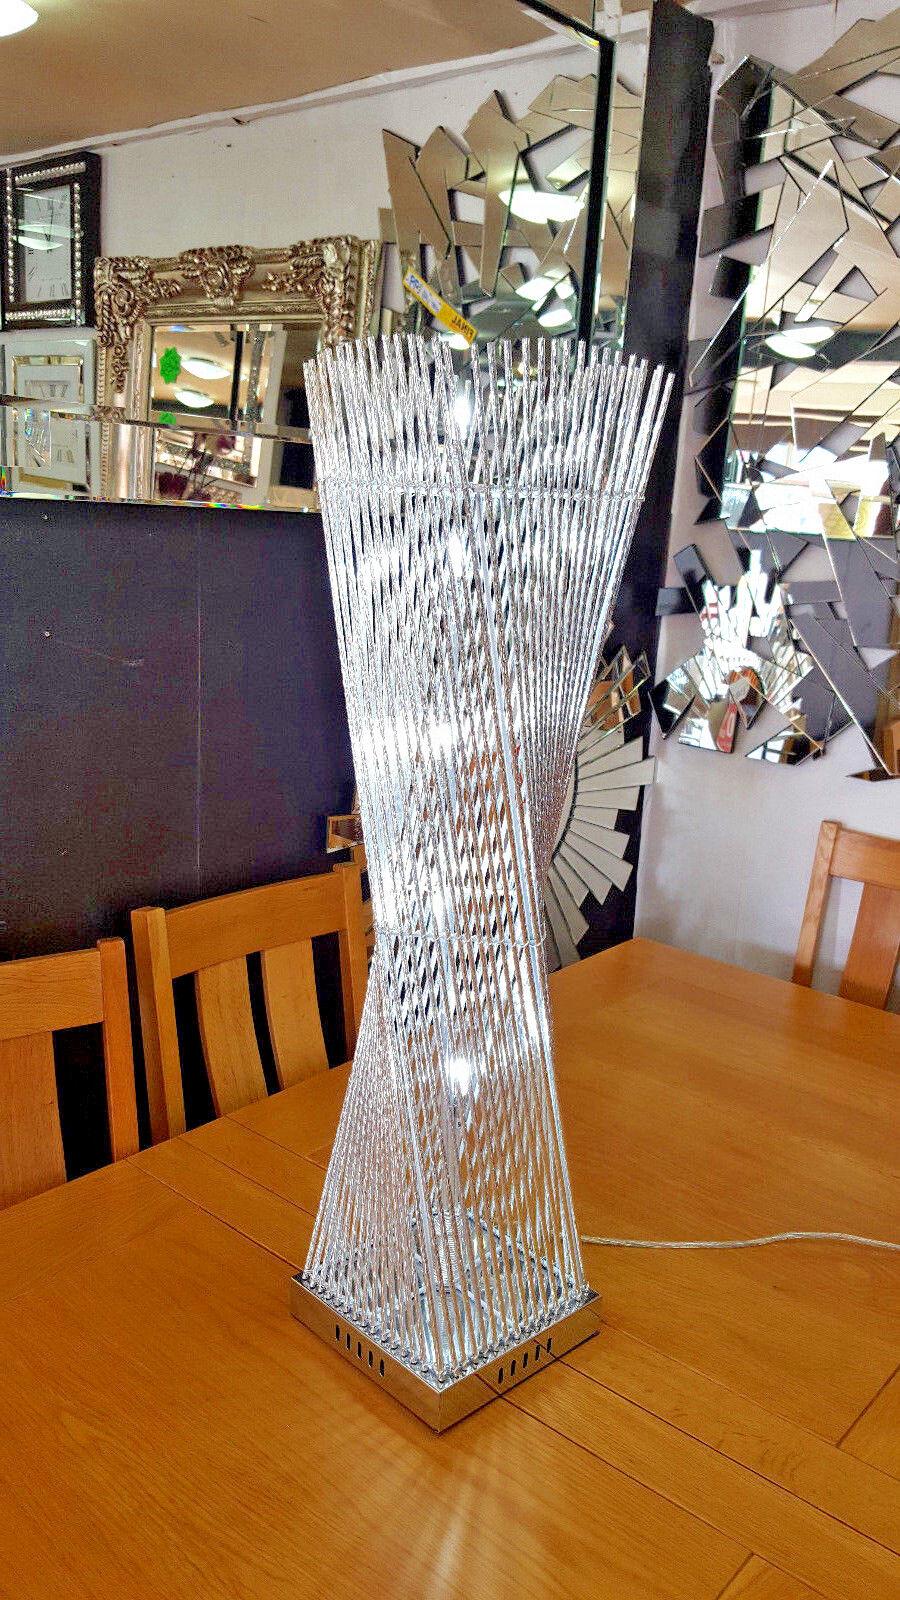 Prisme moderne sol/Lampe de table aluminium aluminium aluminium metal Twist fil 84x20cm Argent DEL   Magasiner  384212